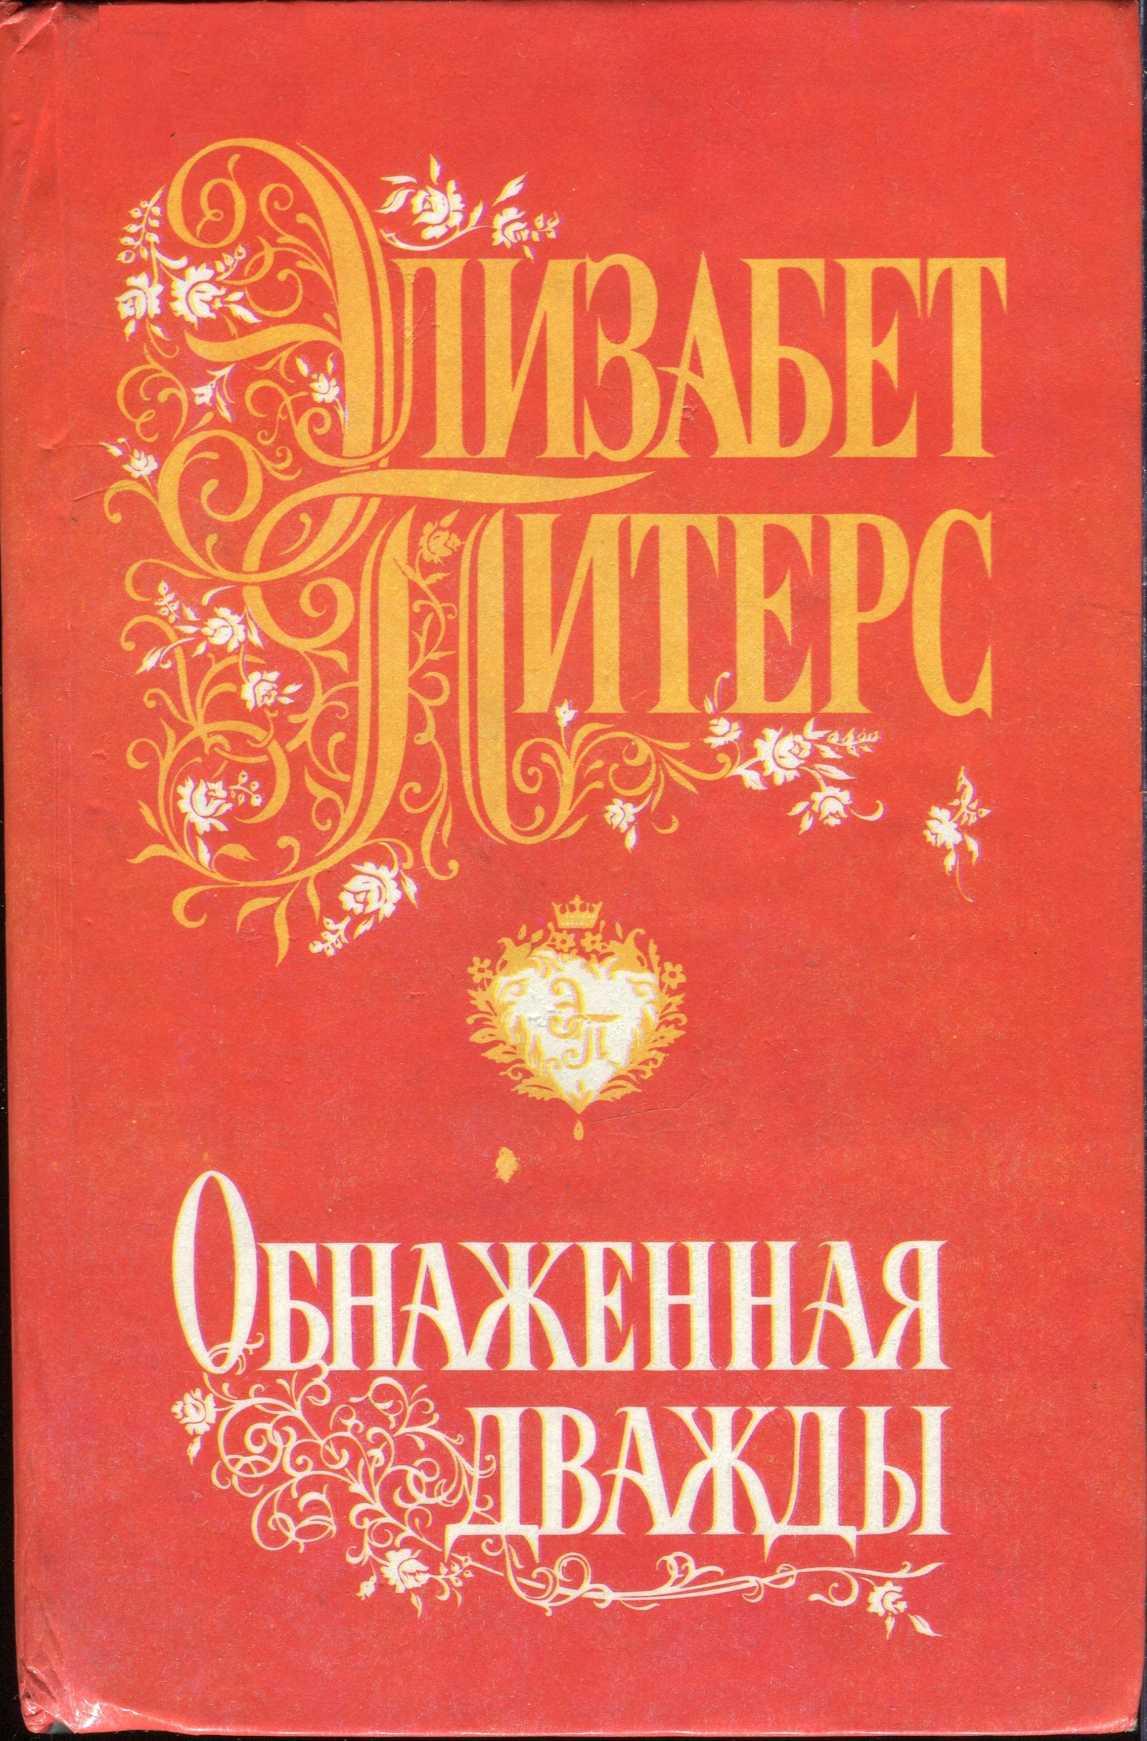 Книги элизабет питерс скачать бесплатно